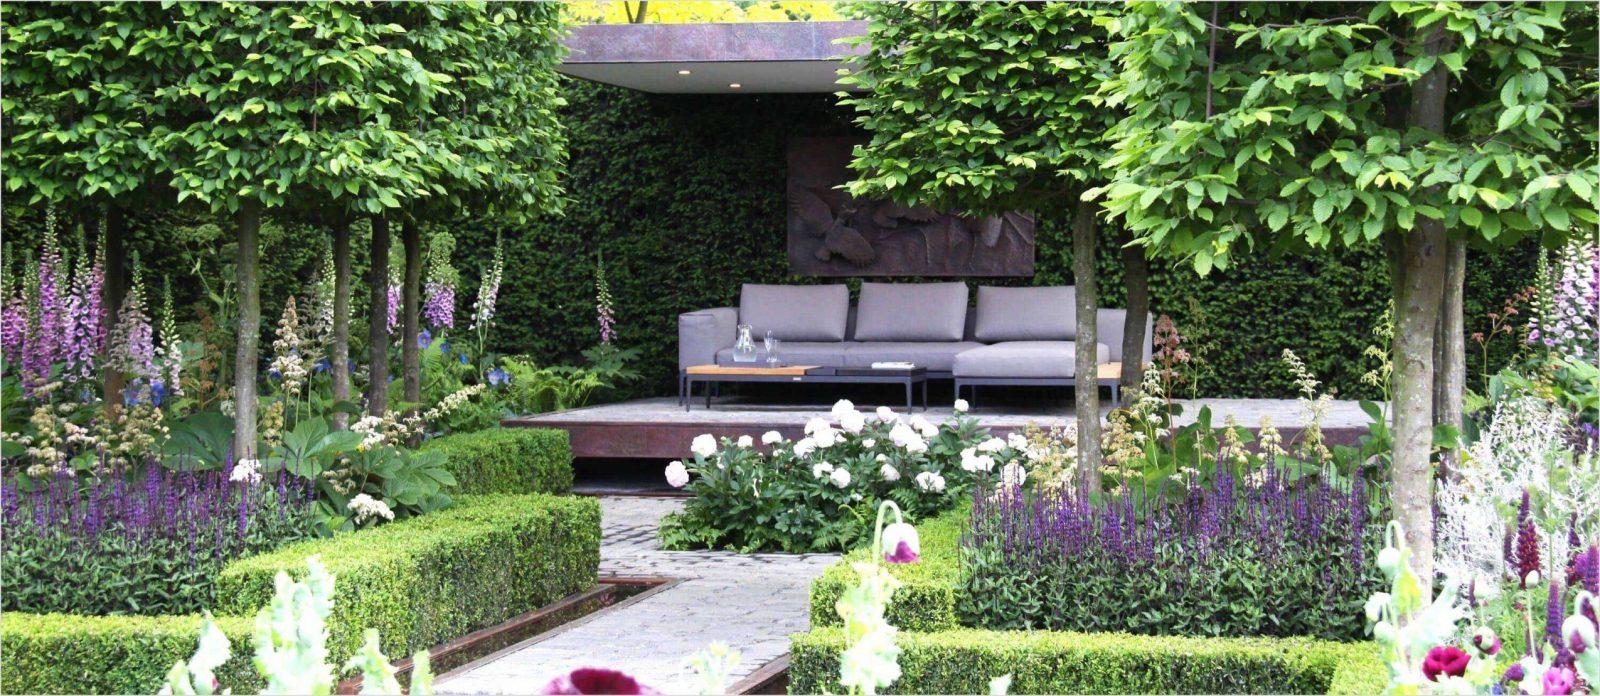 Sch n g rten modern von gartenideen f r kleine g rten schema von gartengestaltung kleine g rten - Gartengestaltung ohne rasen ...